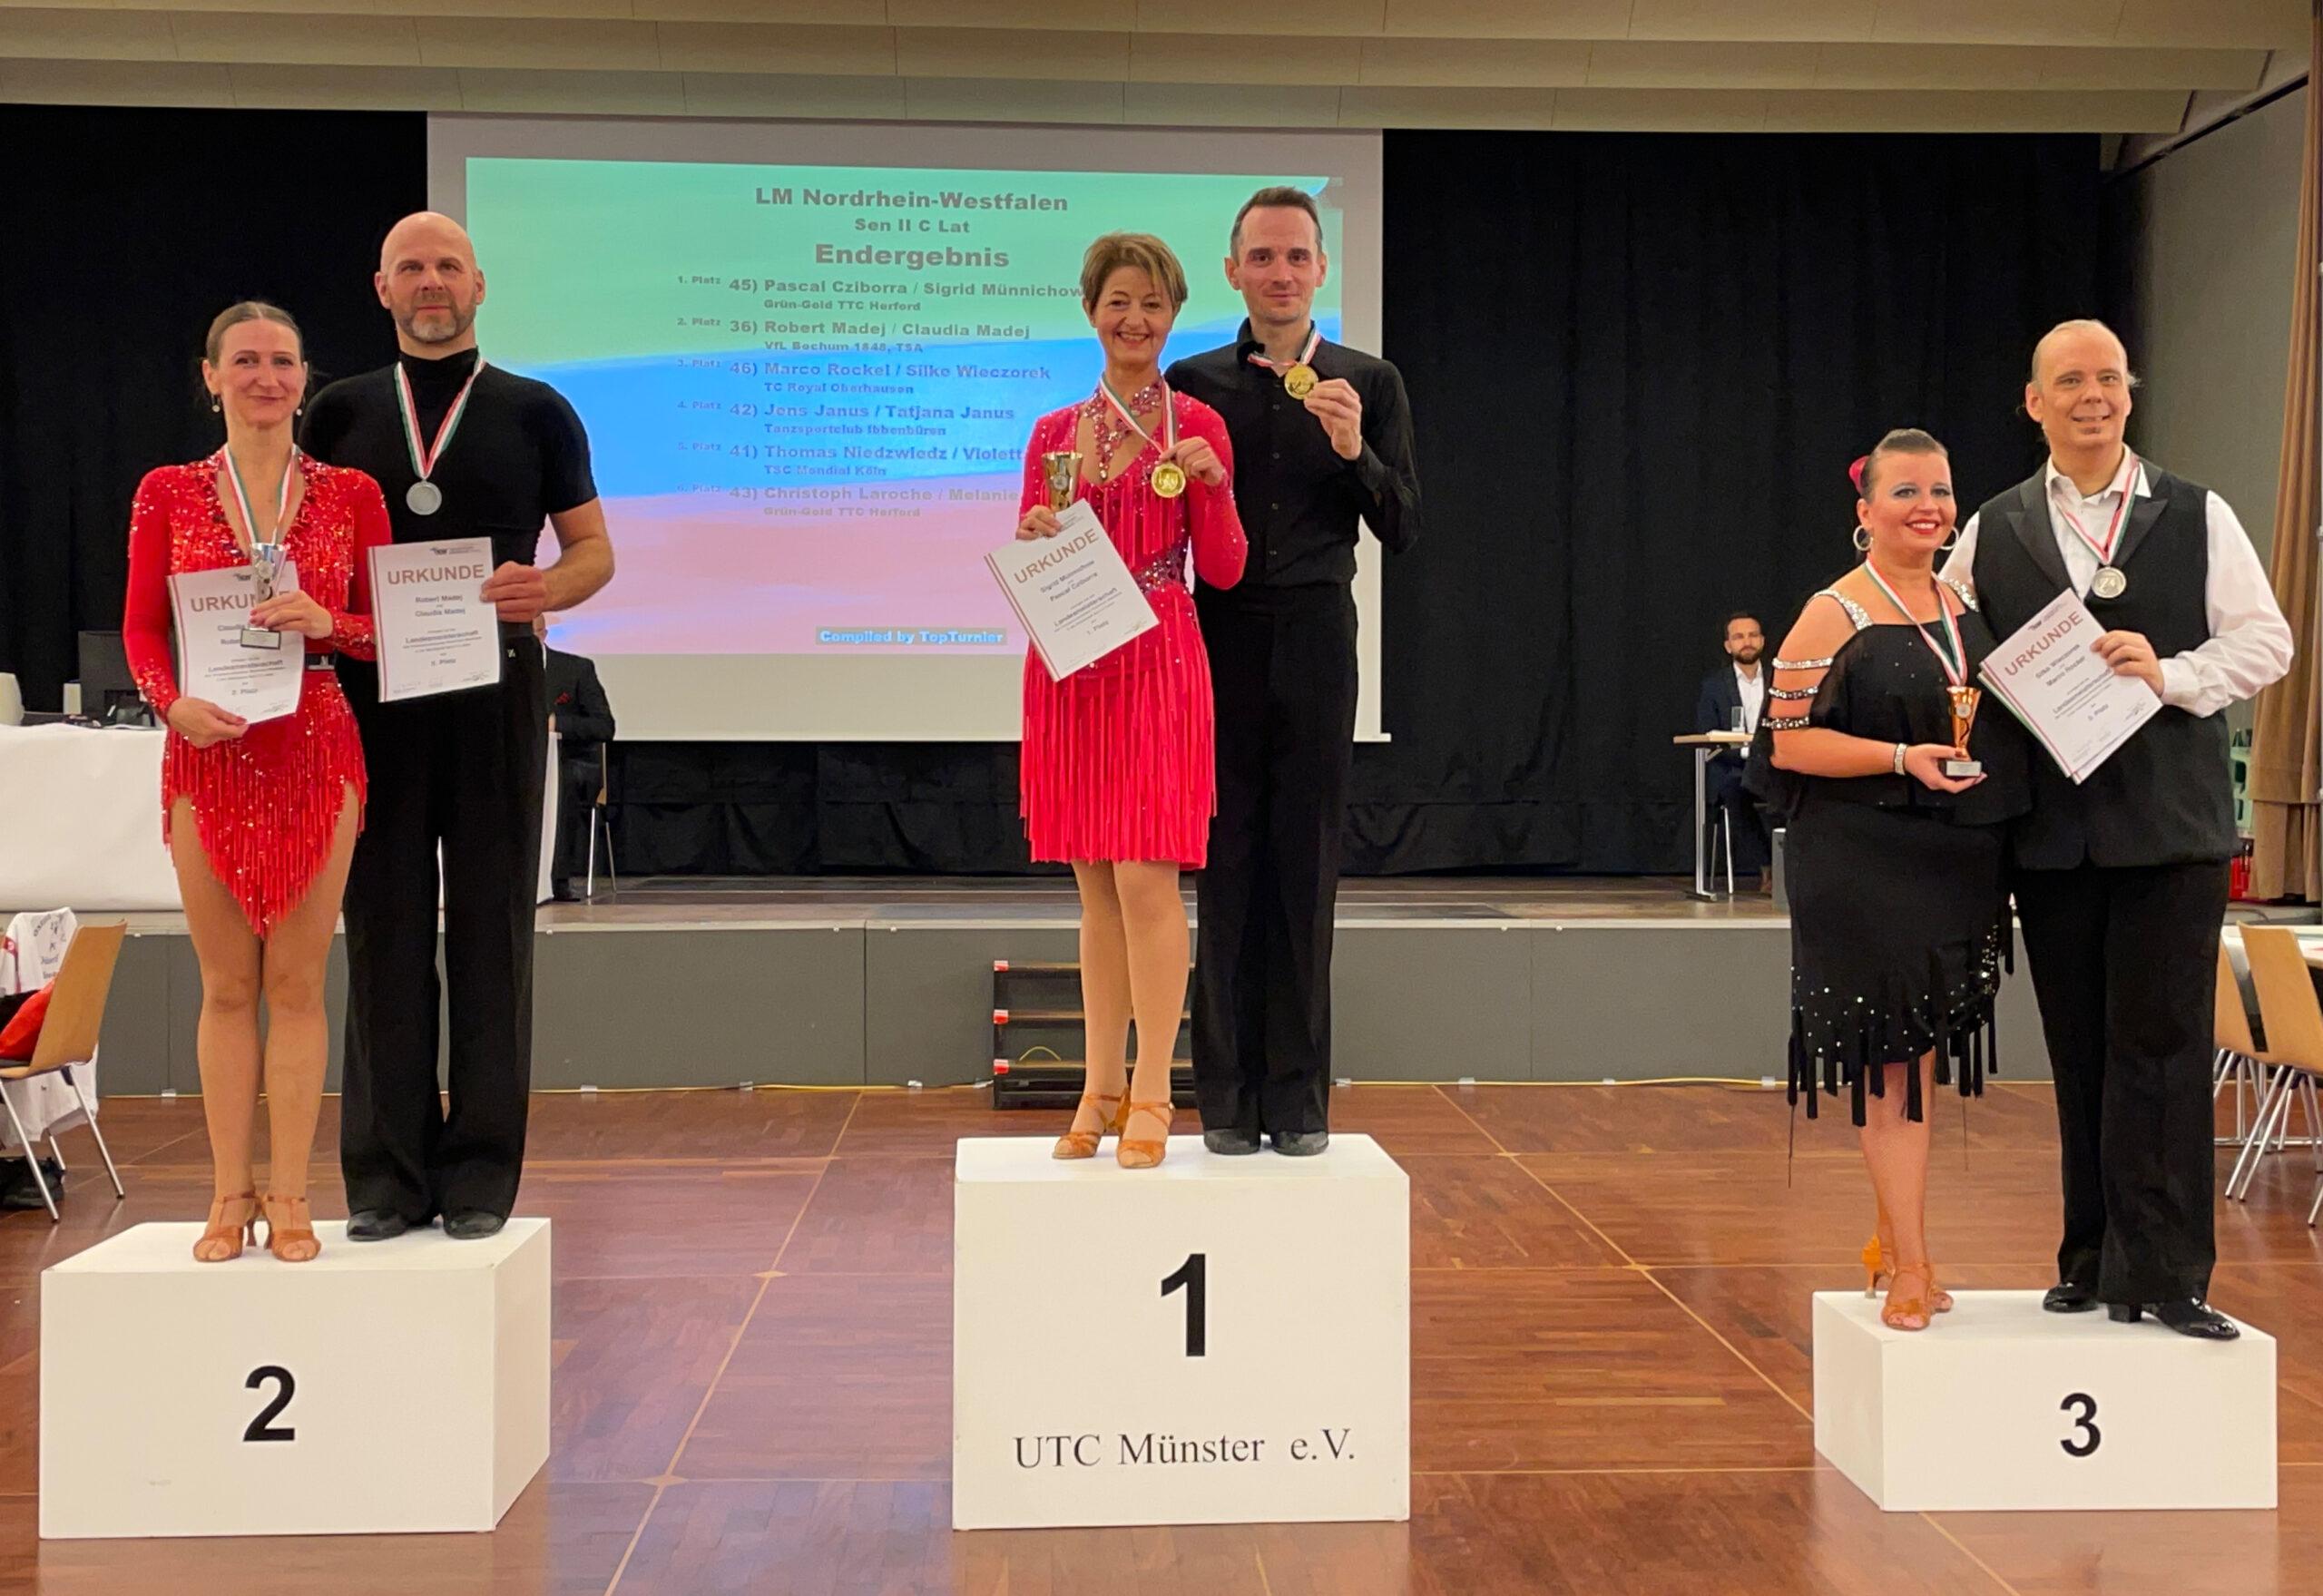 Herzlichen Glückwunsch zum Landesmeistertitel, Pascal und Sigrid!